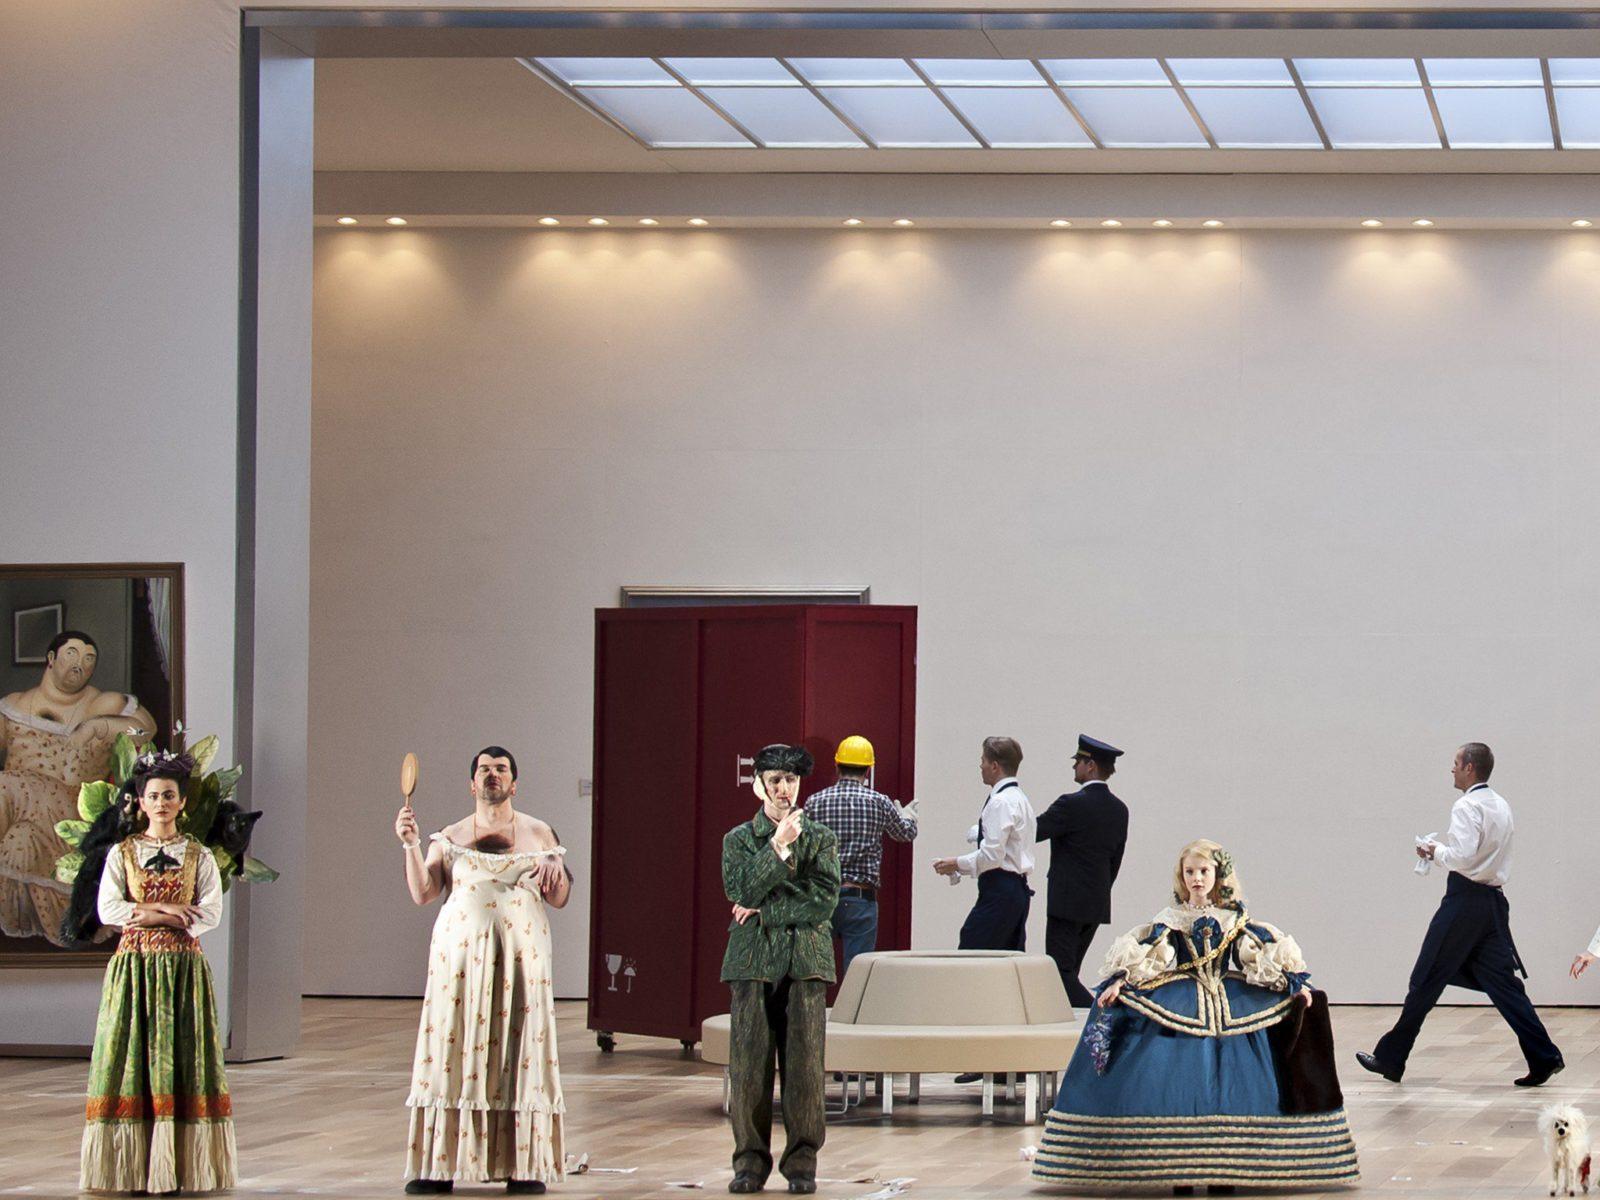 Il Viaggio A Reims at the Sydney Opera House